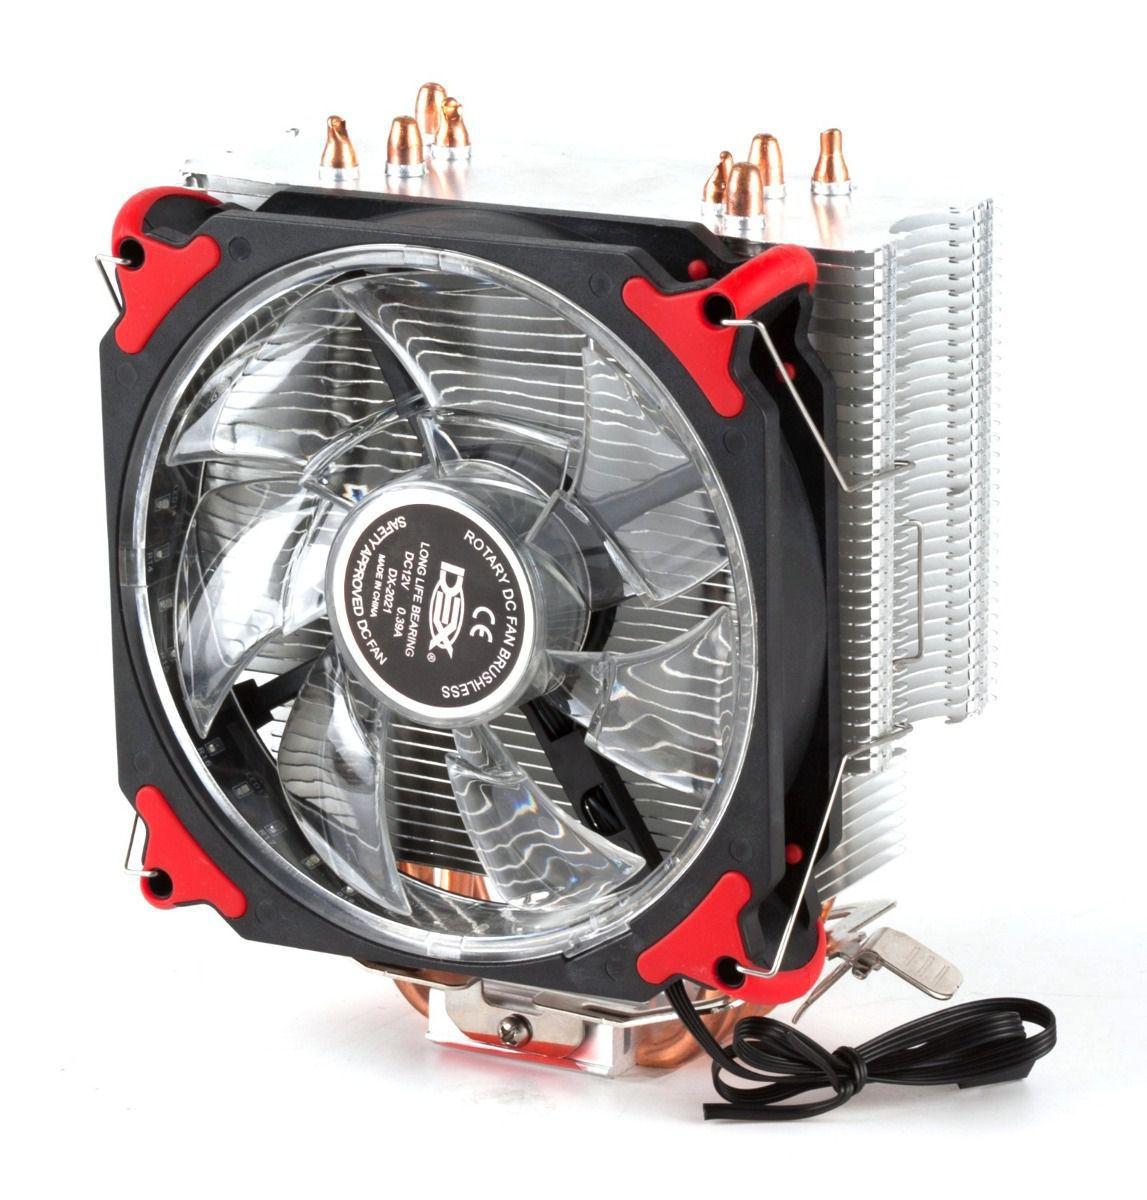 Cooler Para Cpu Universal Com 21 Leds Vermelho Dx-2021 socket 1366/ 1150/ 1156/ 775 - AMD: FM2+/ FM2/ FM1/ AM3+/ AM3/ AM